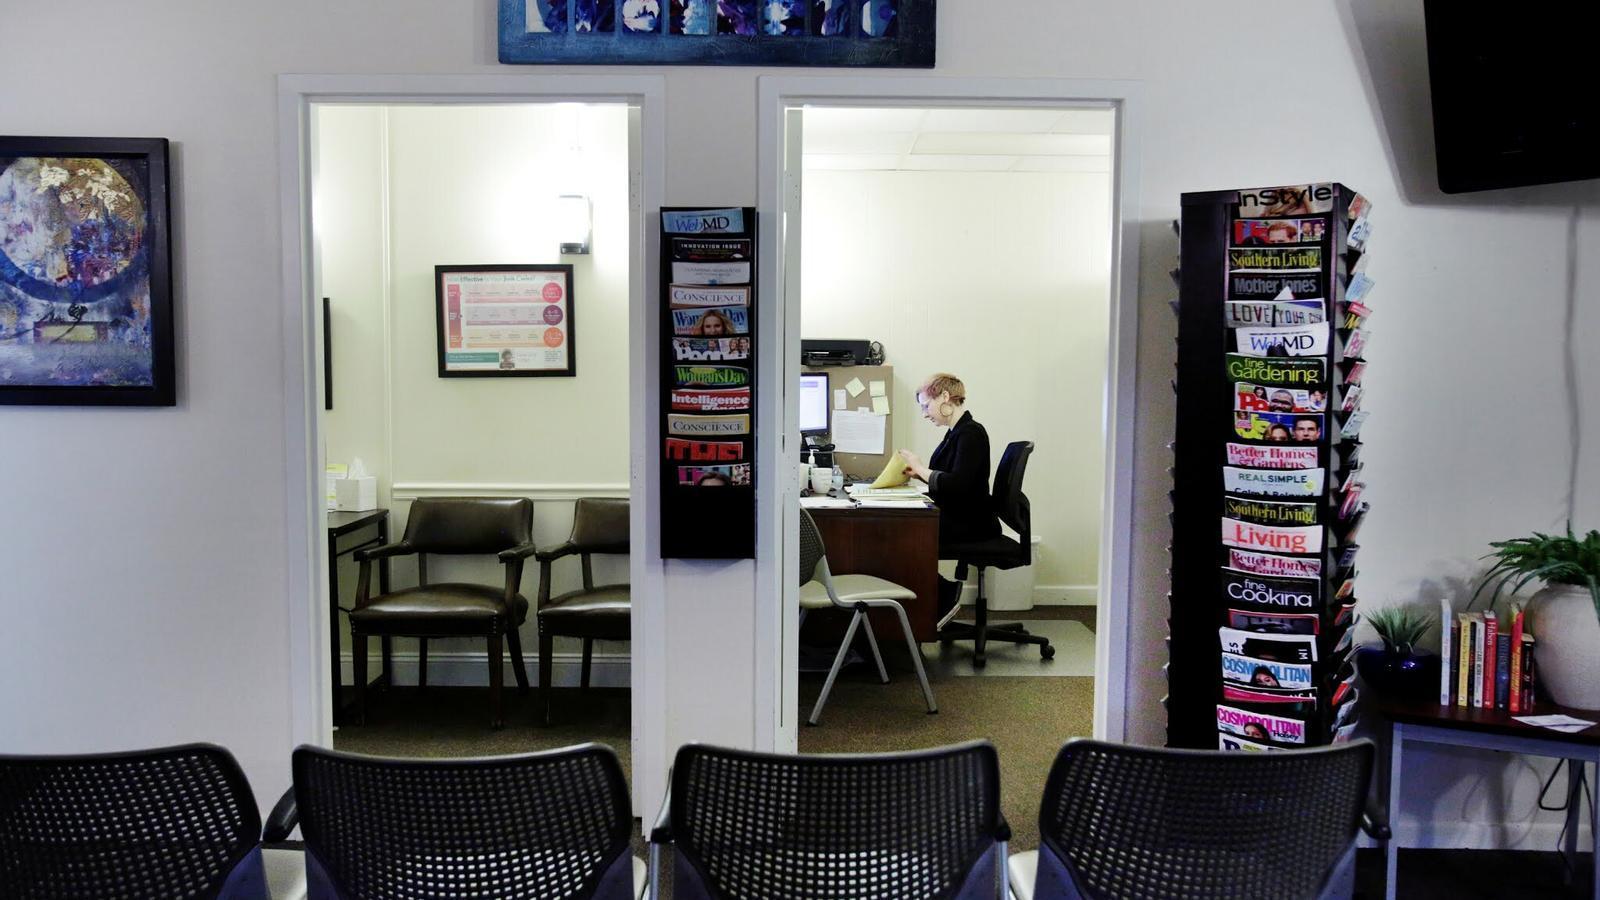 Una treballadora d'una clínica en què es practiquen avortaments treballa a la seva oficina, en una imatge d'arxiu